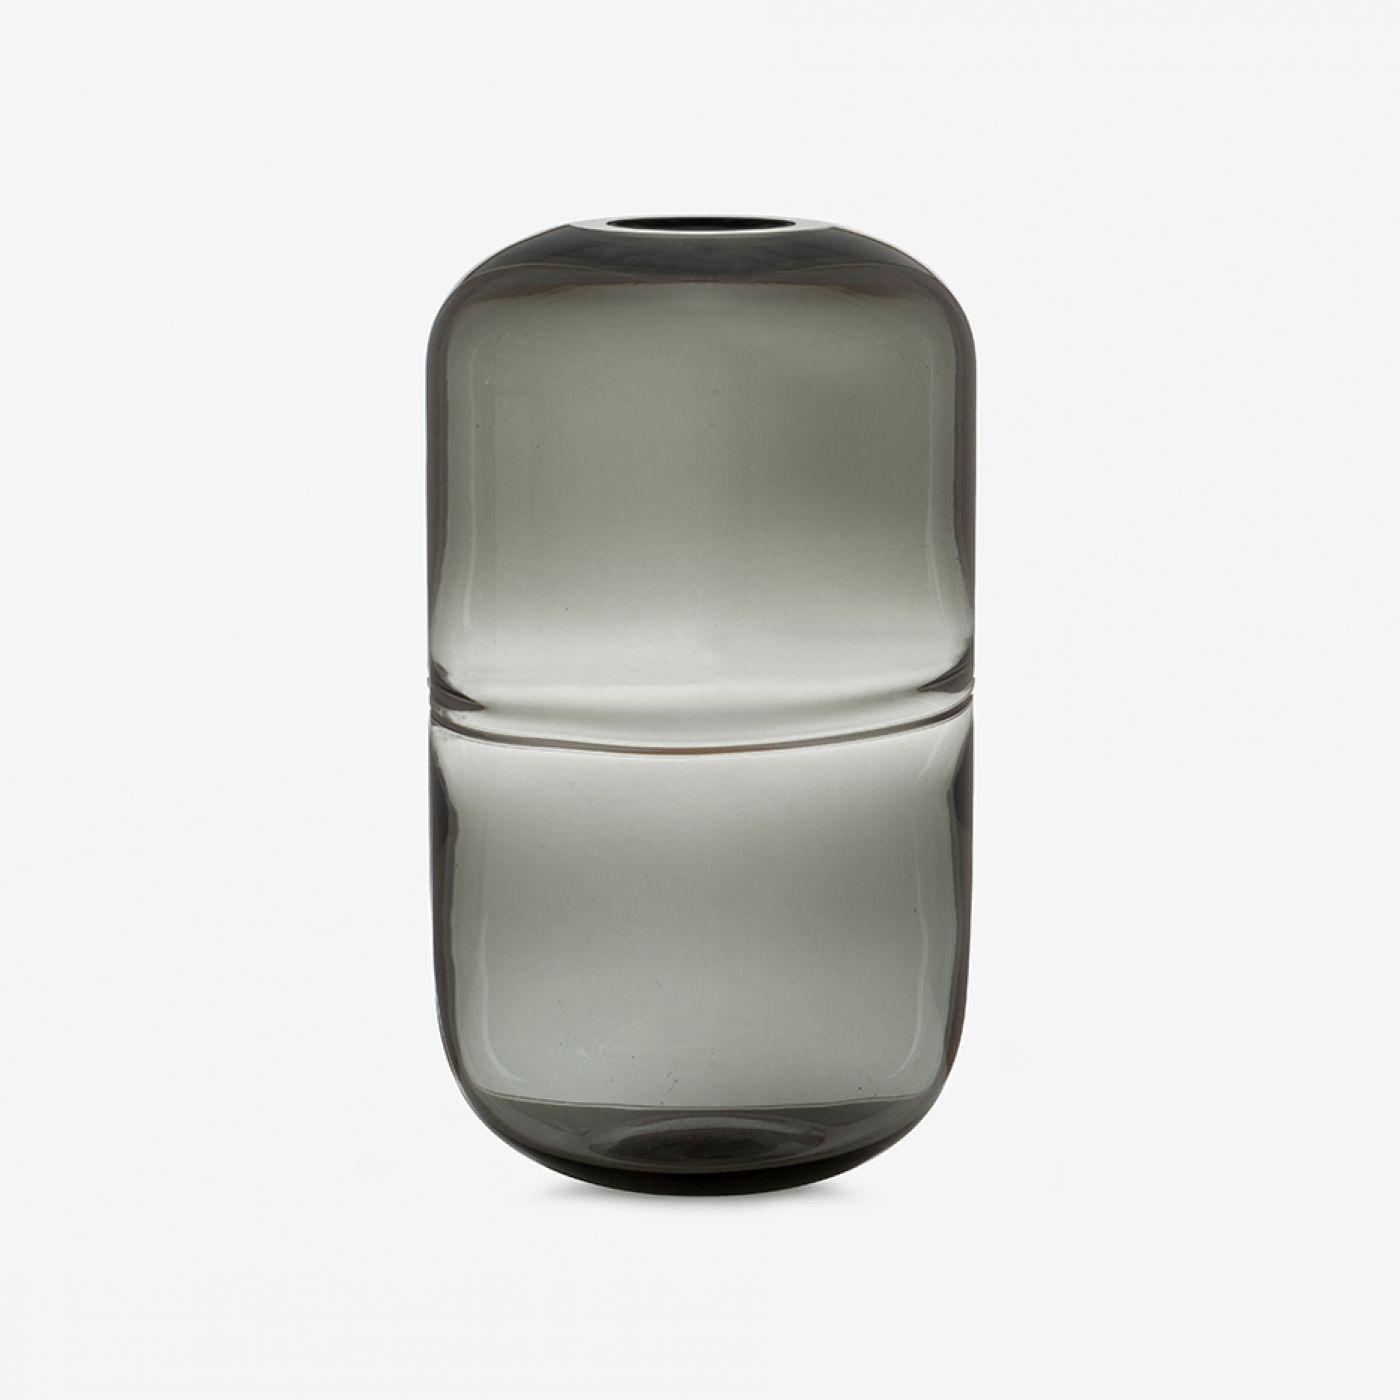 אגרטל זכוכית PLUP | גדול